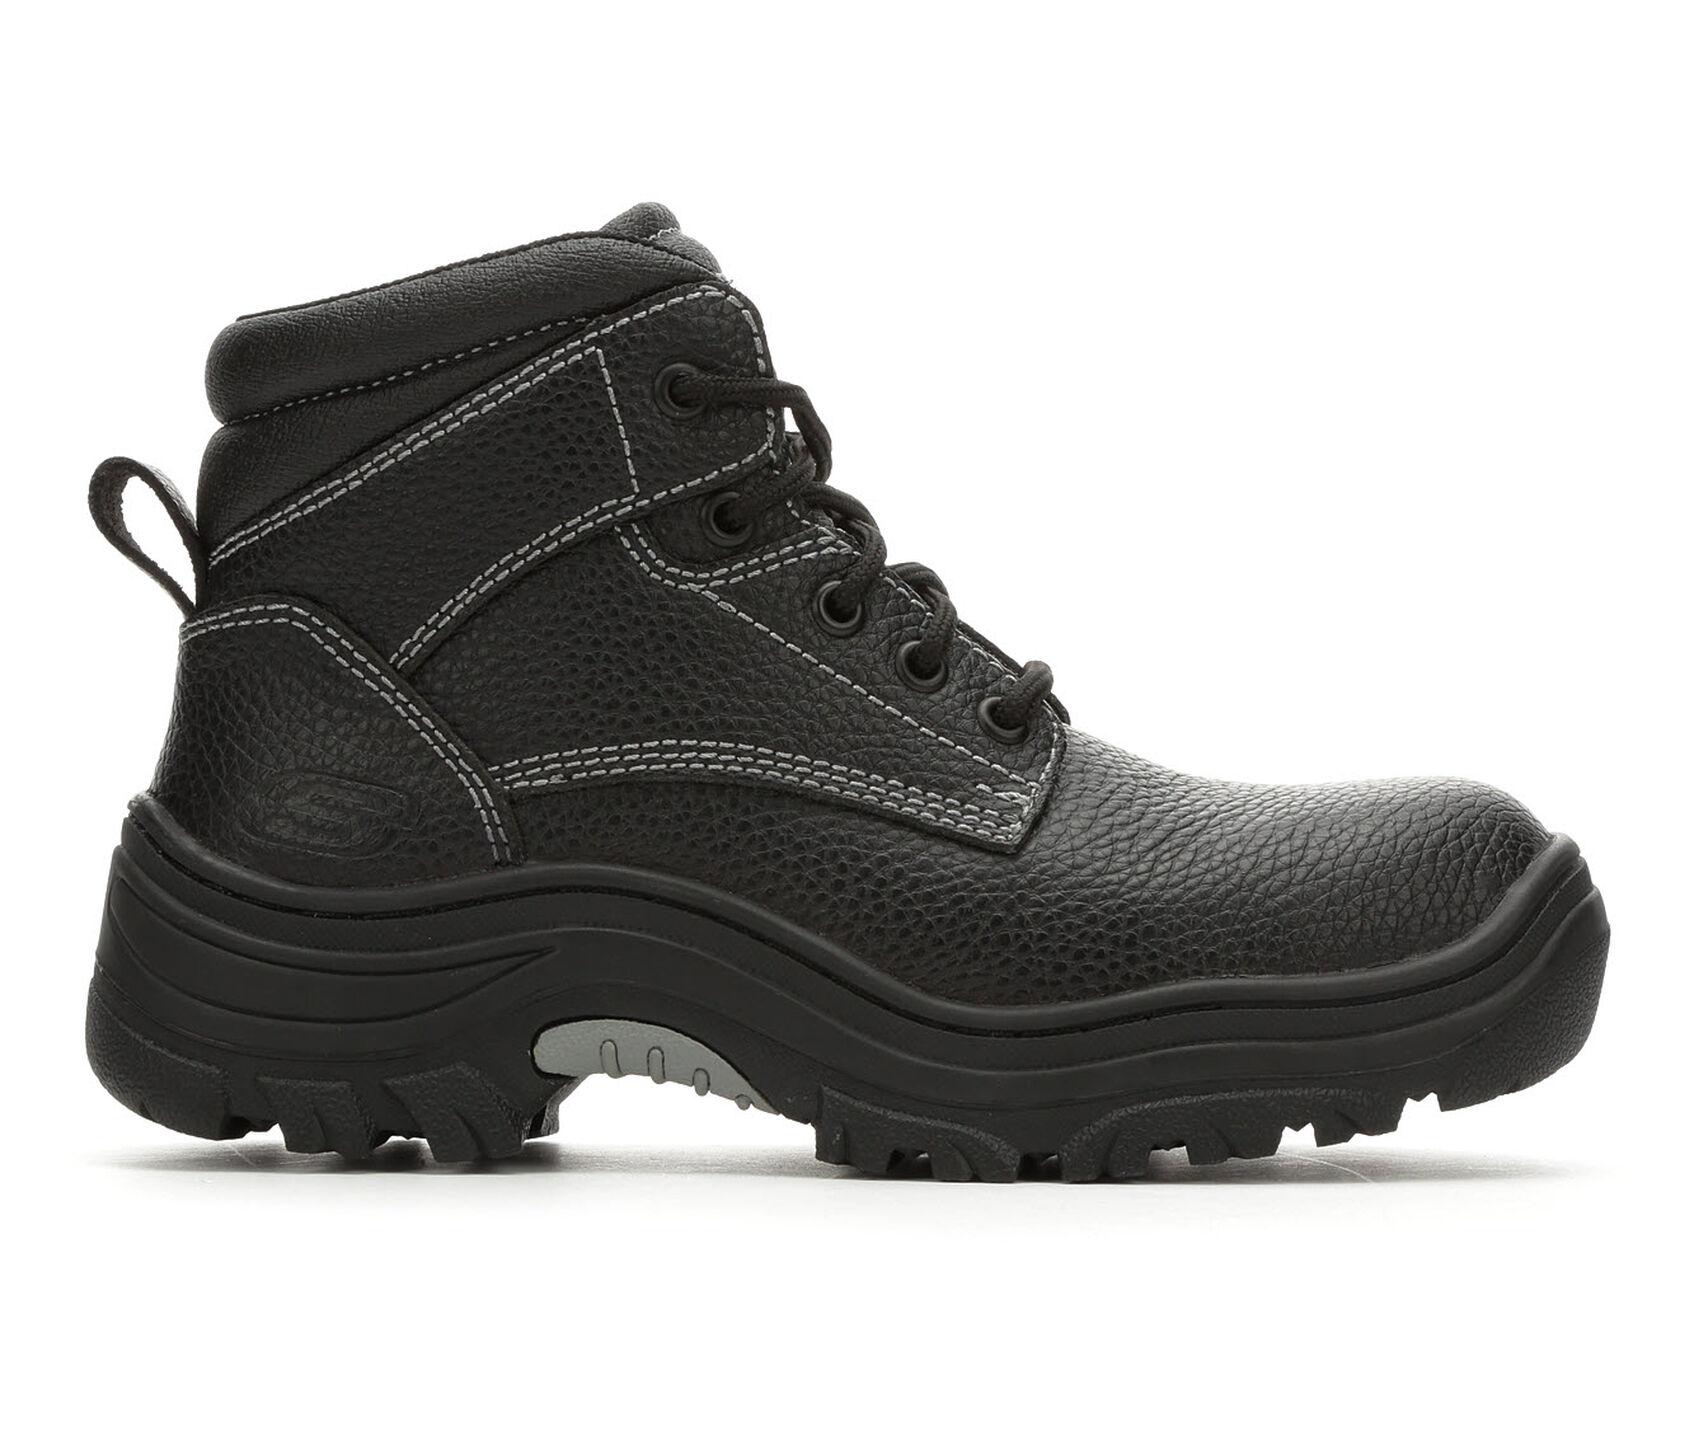 c50a67e0ca4 Women's Skechers Work Workshire Krabok 77241 Steel Toe Work Boots